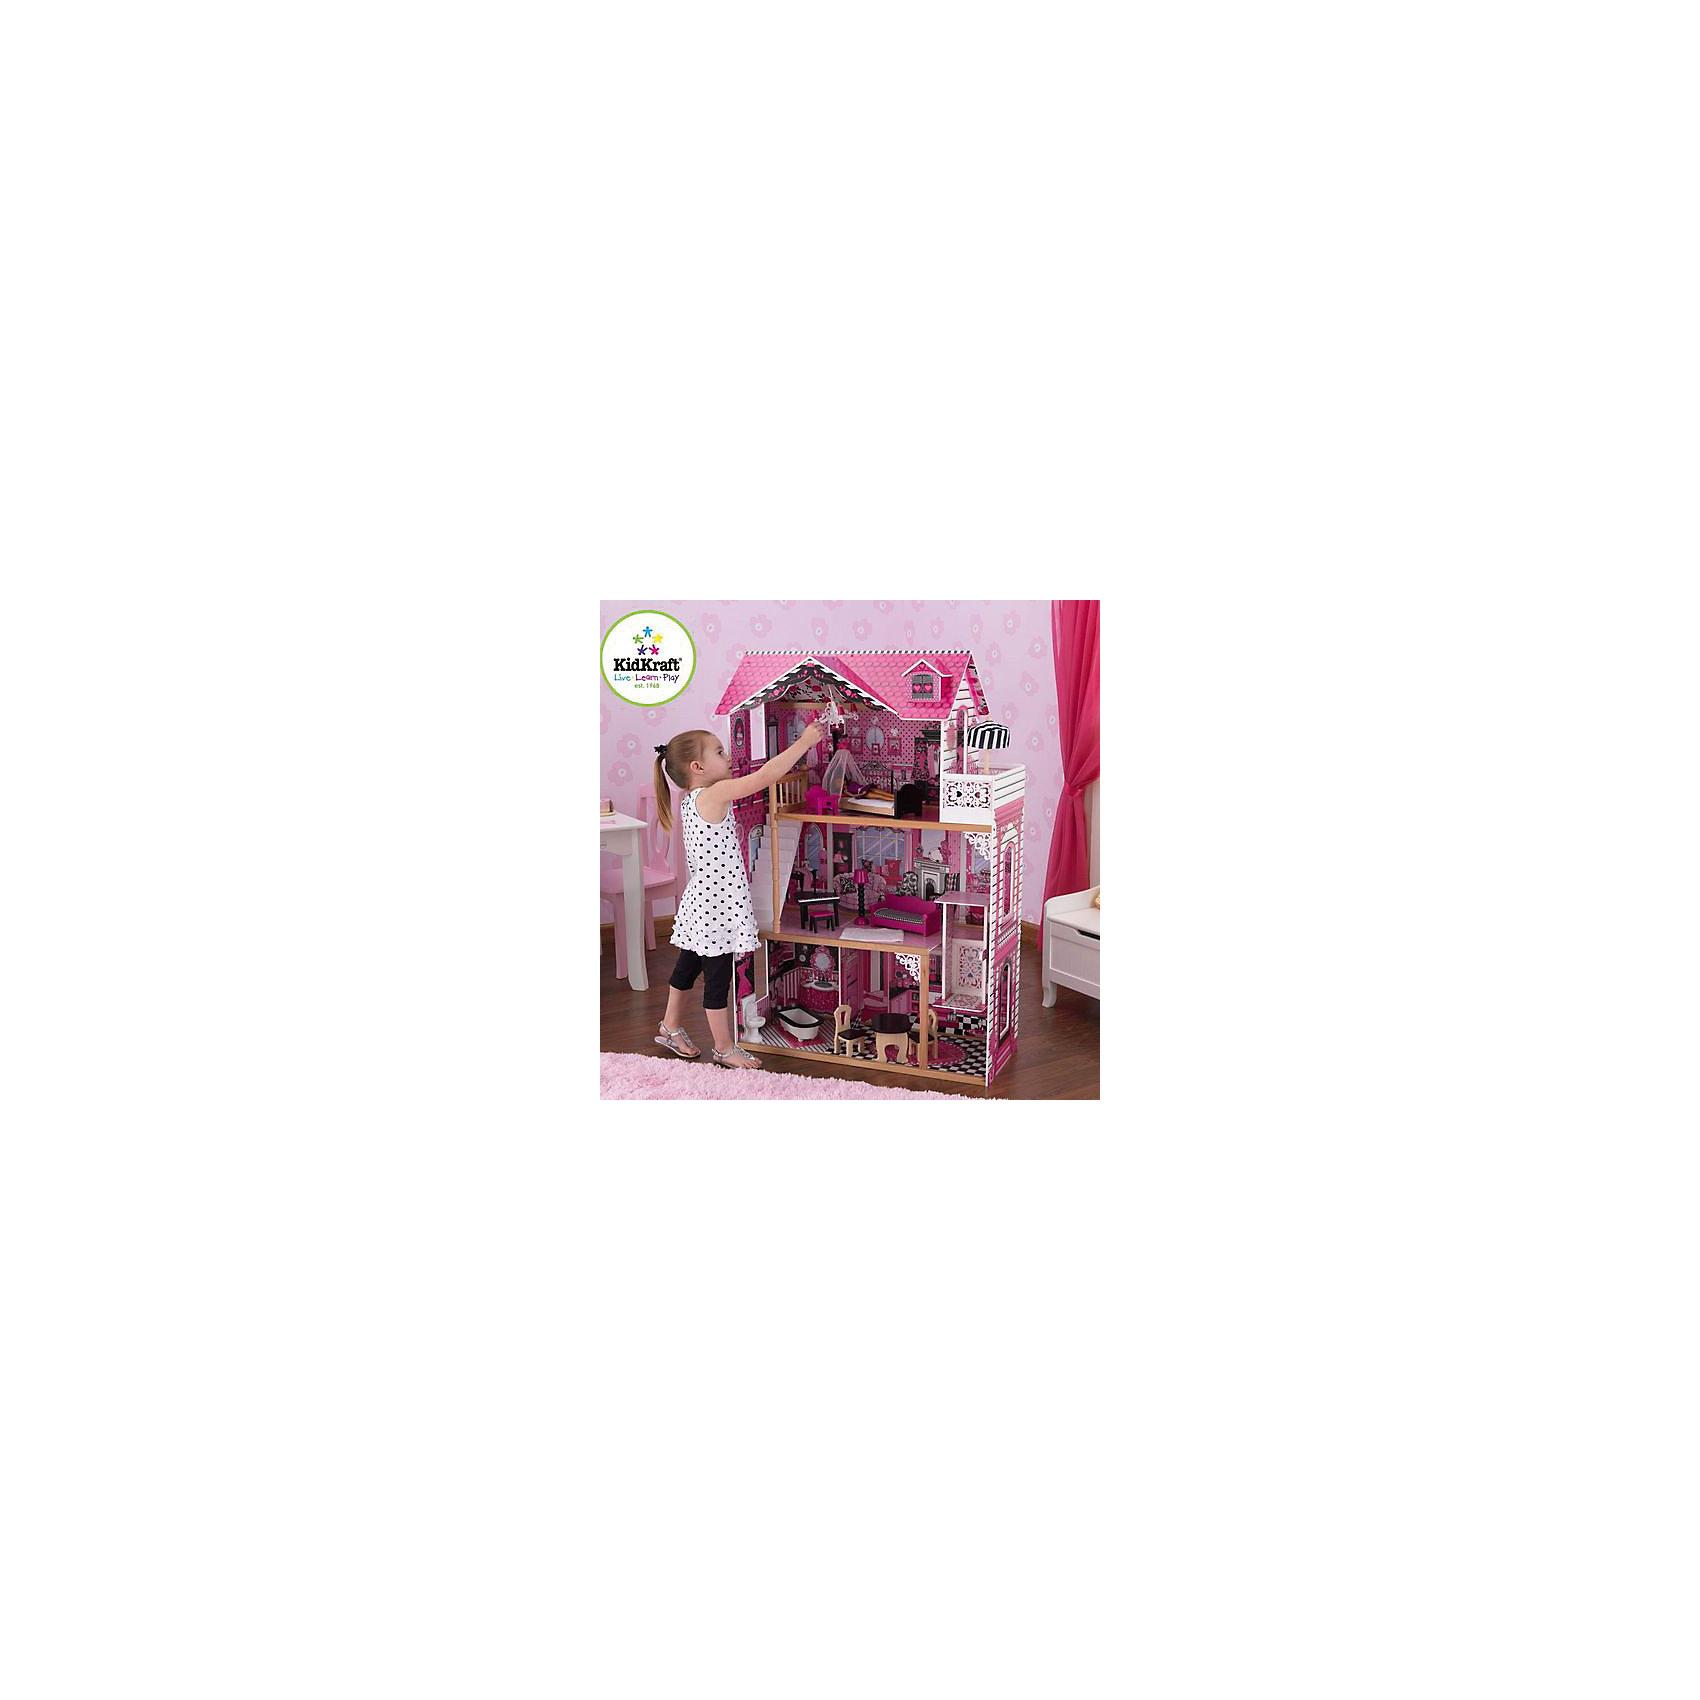 KidKraft Кукольный домик для Барби с мебелью Амелия, KidKraft kidkraft кукольный домик амелия с мебелью 14 элементов